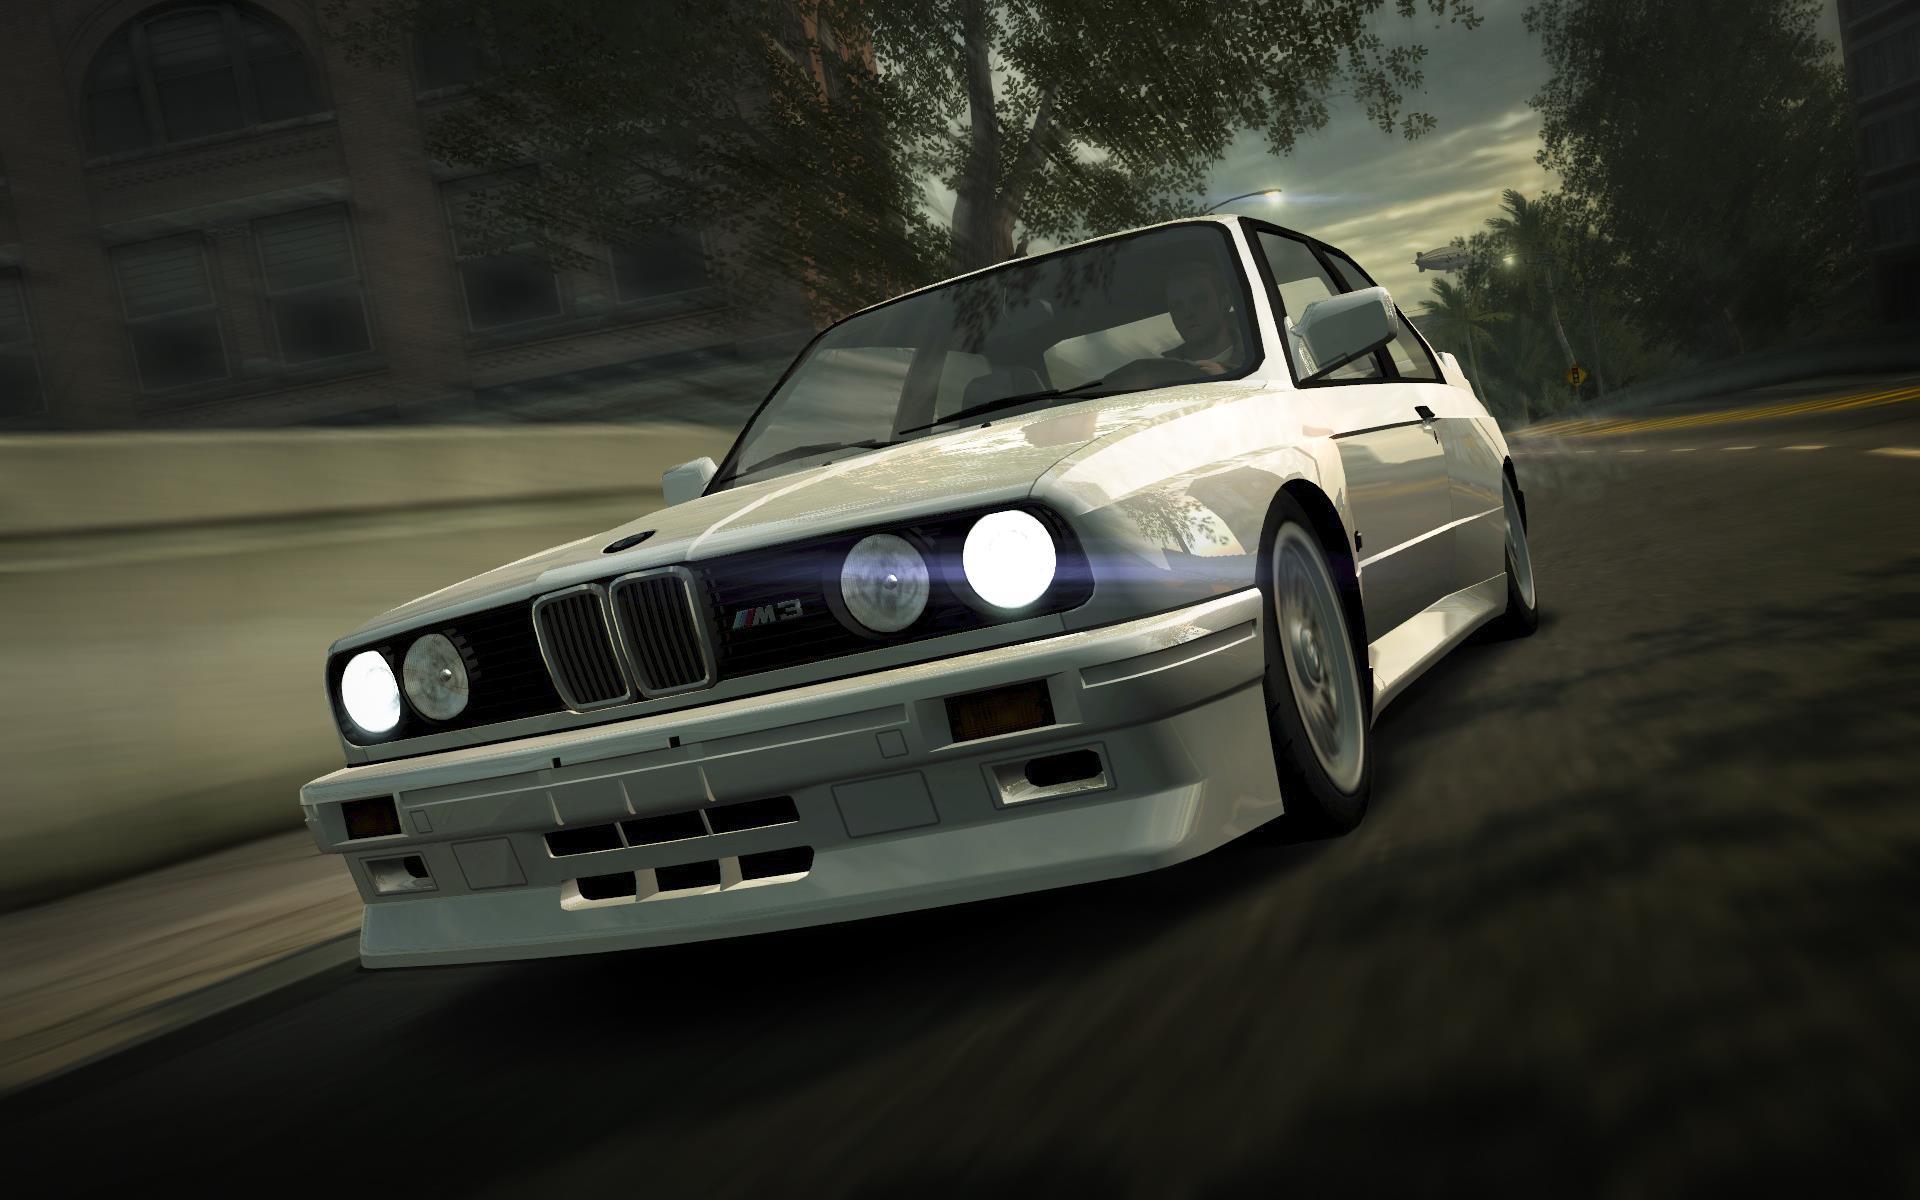 Bmw M3 Sport Evolution Nfs World Wiki Fandom Powered